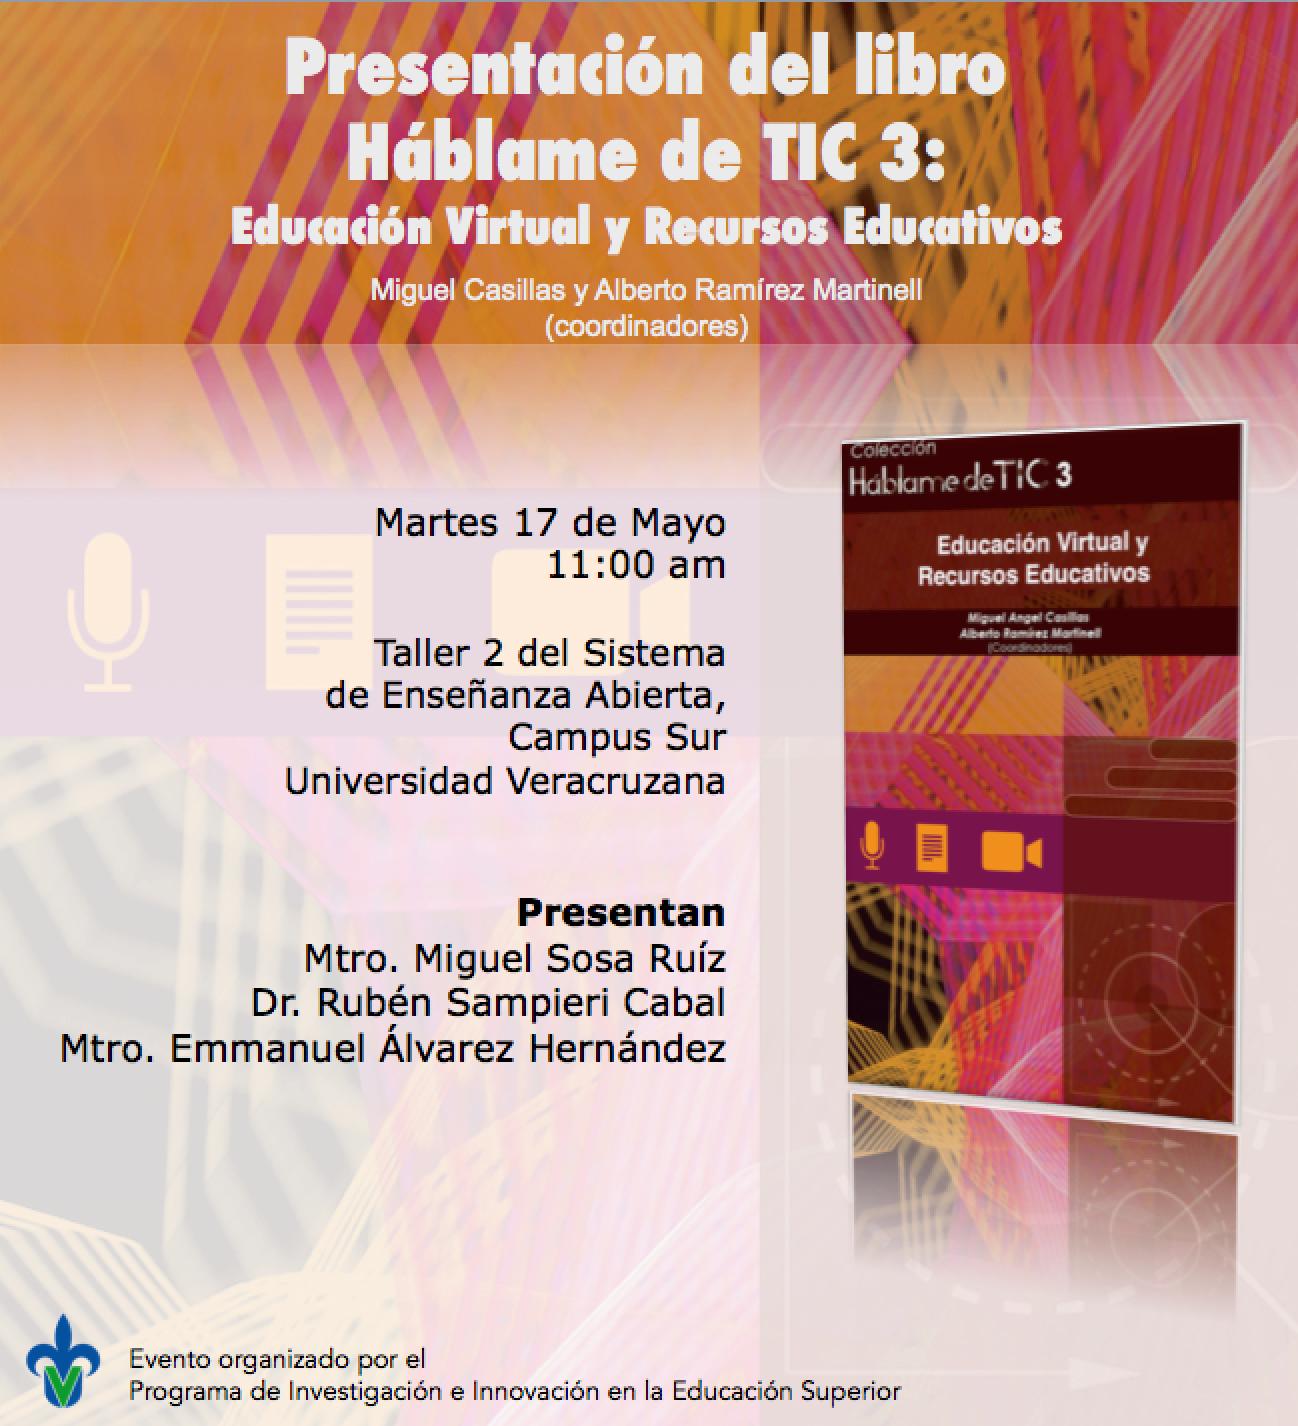 Presentación del Libro: Háblame de TIC 3 Educación Virtual y Recursos Educativos